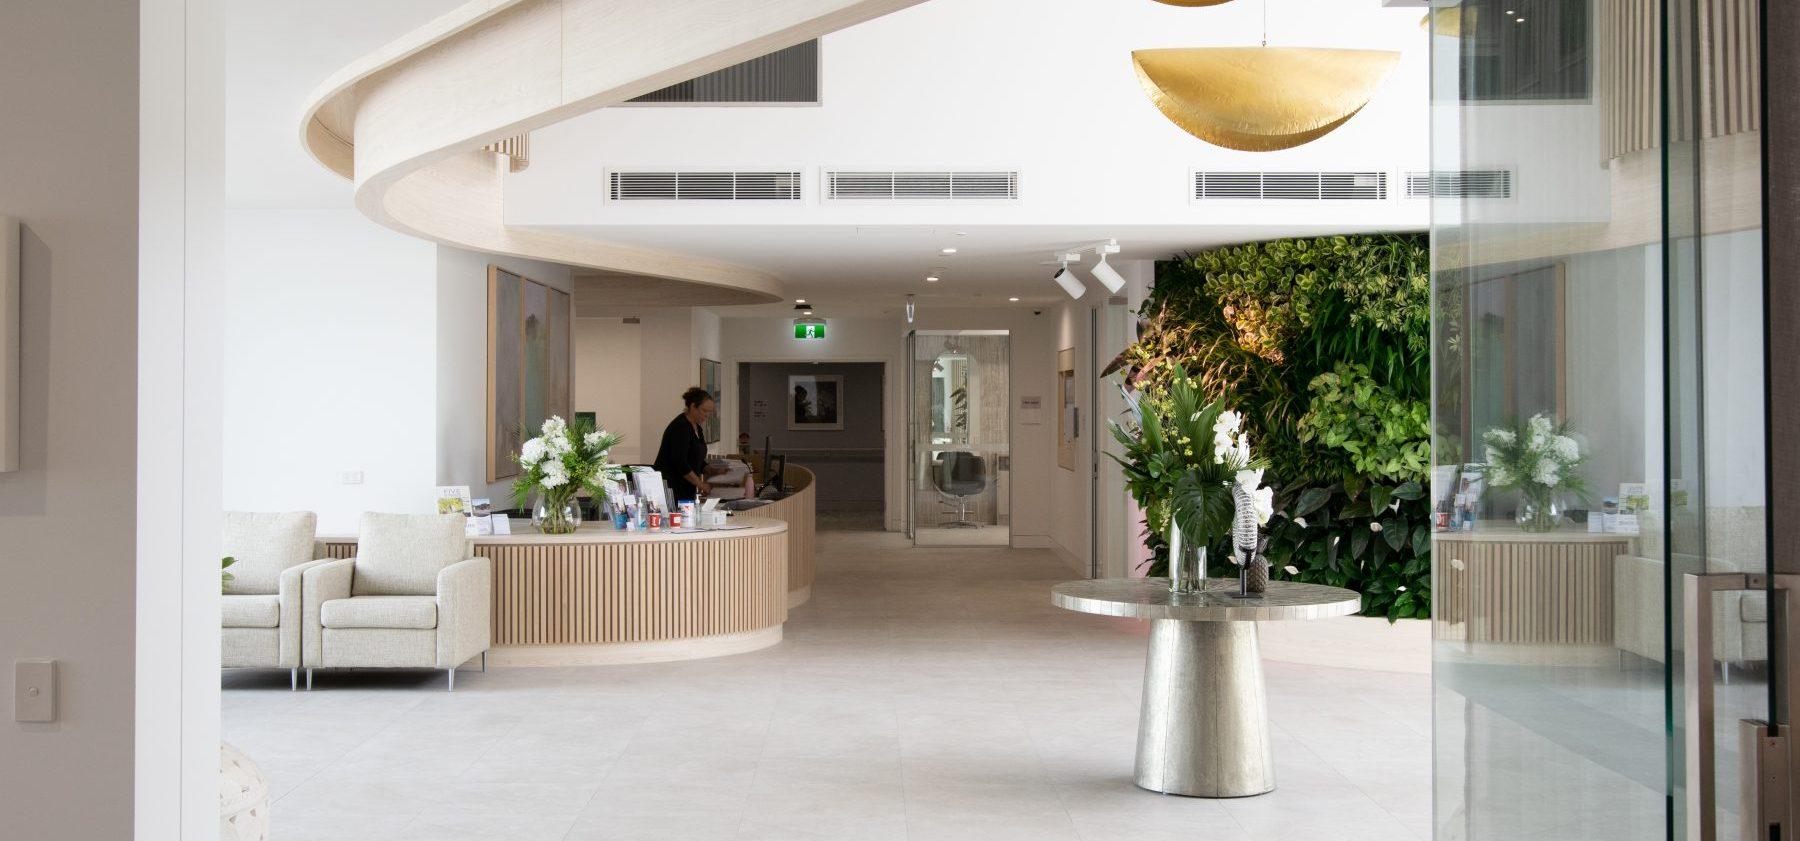 Arcare Noosa Interior entrance